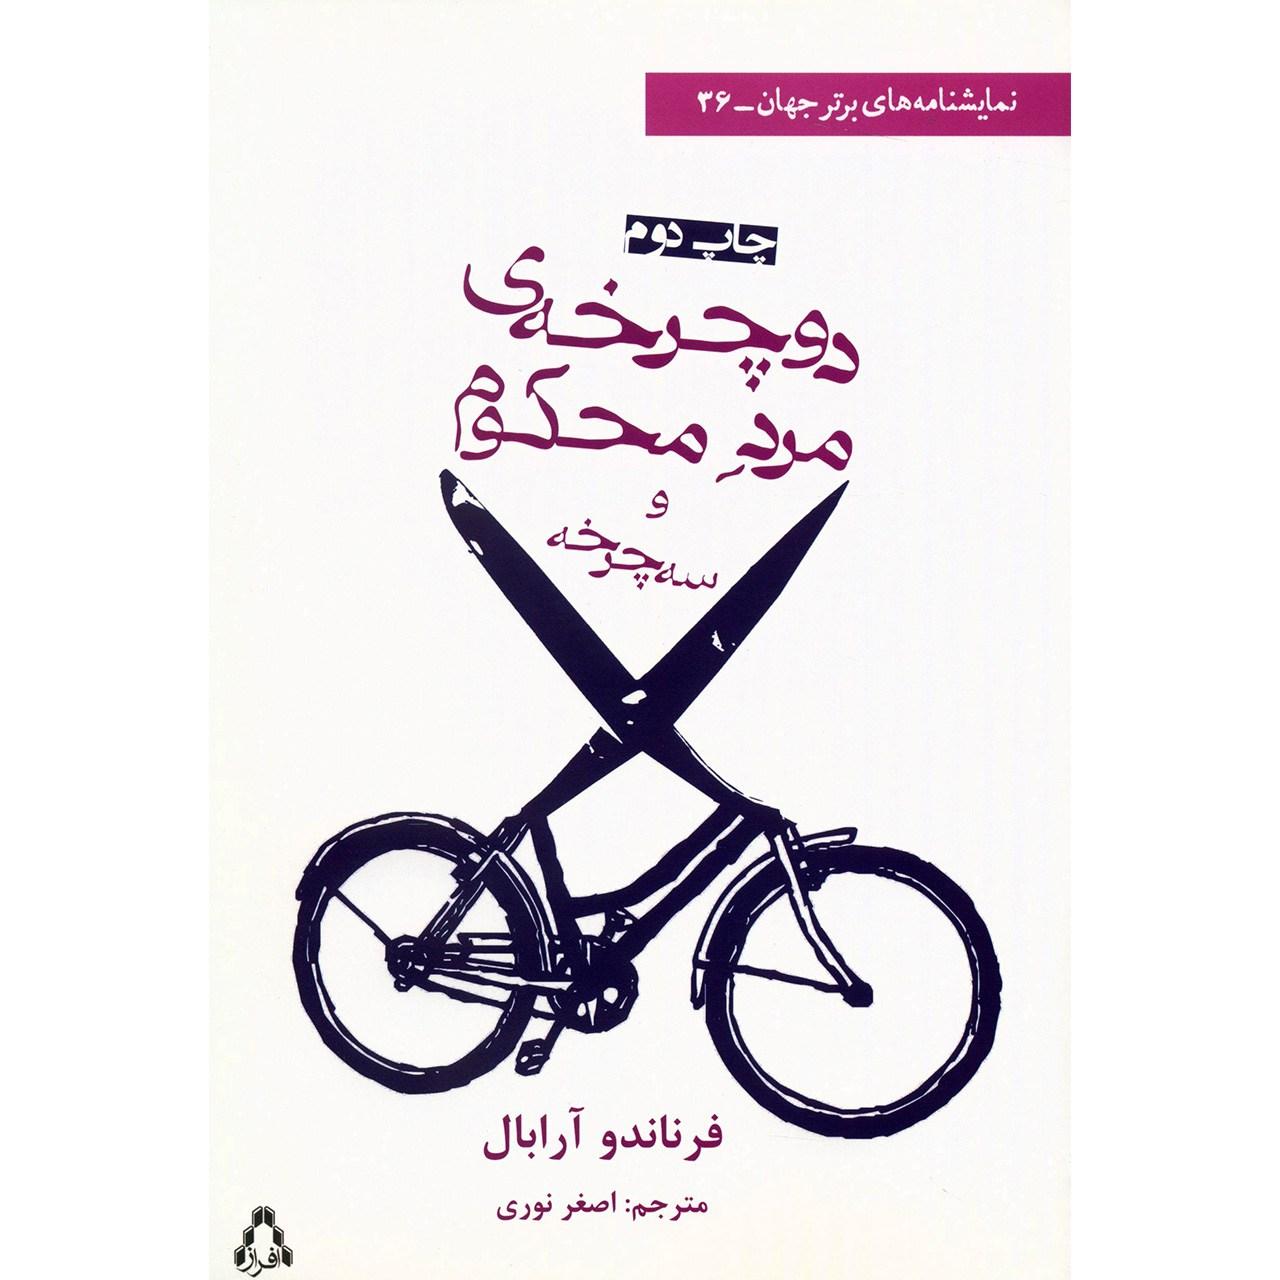 کتاب دوچرخه ی مرد محکوم و سه چرخه اثر فرناندو آرابال